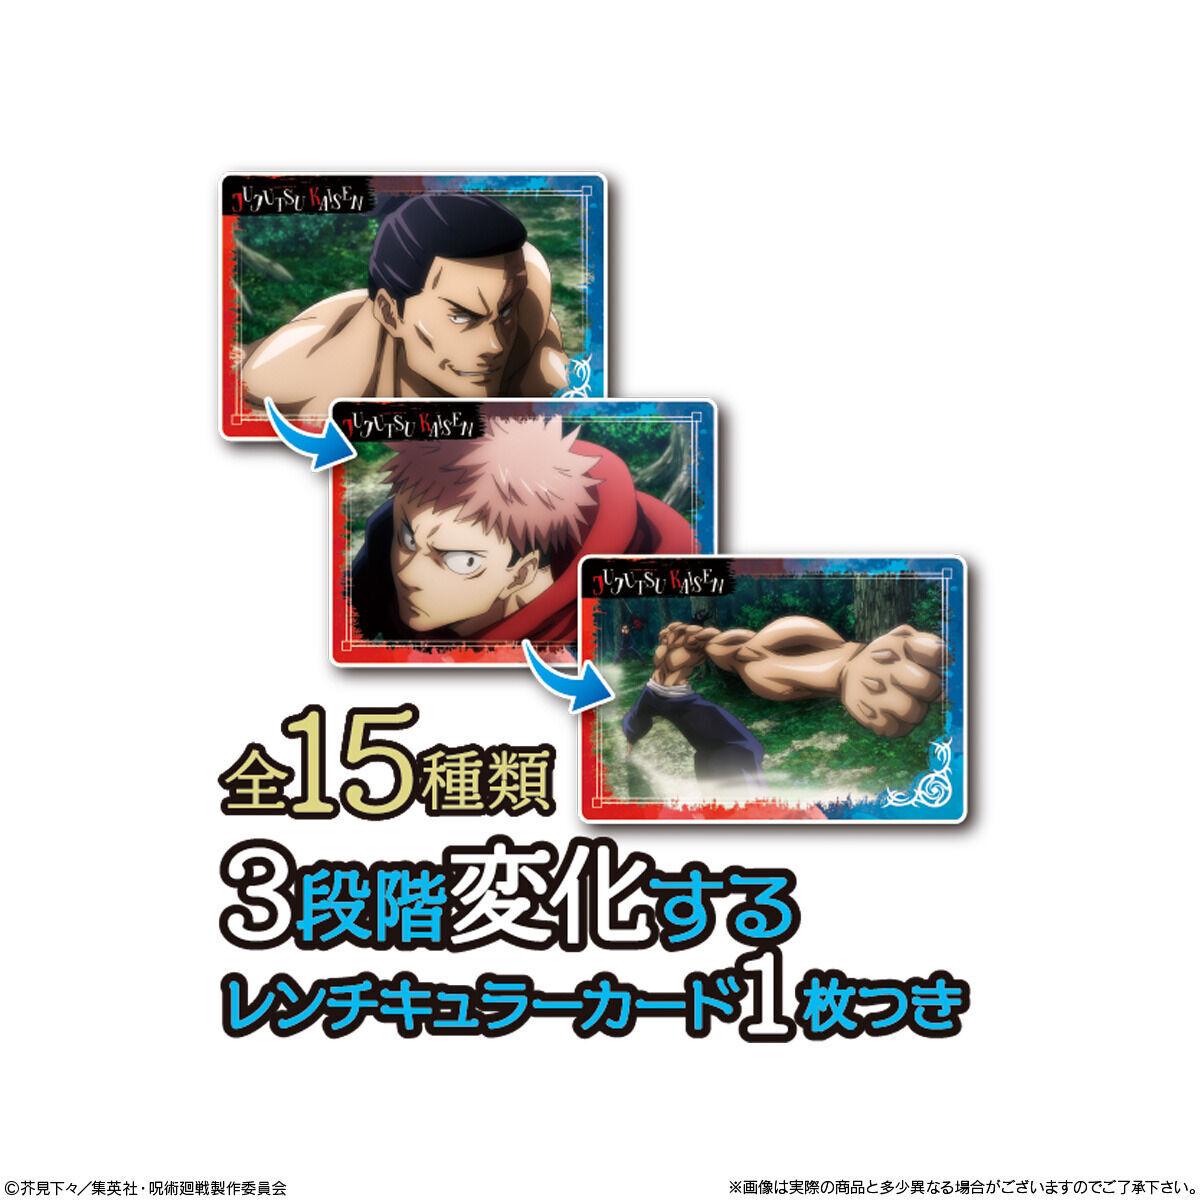 【食玩】呪術廻戦『呪術廻戦 PLAY BACKカードチョコスナック2』10個入りBOX-002